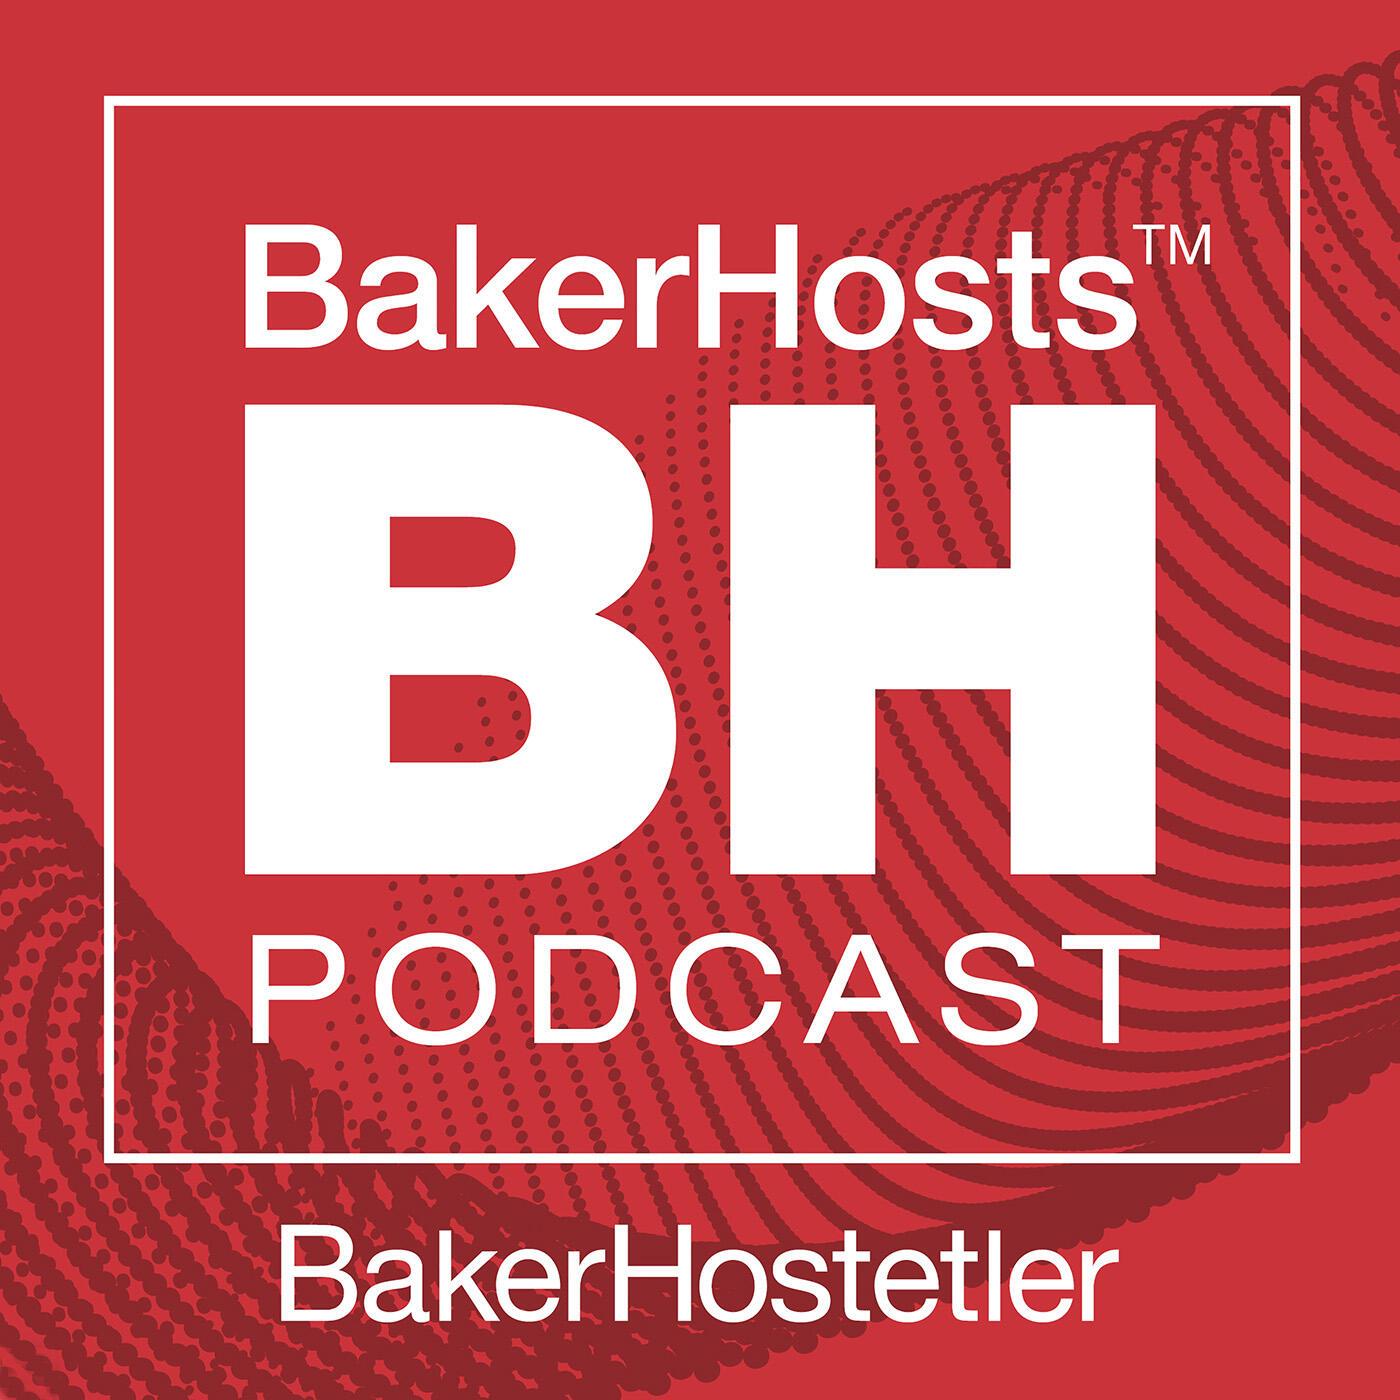 BakerHosts